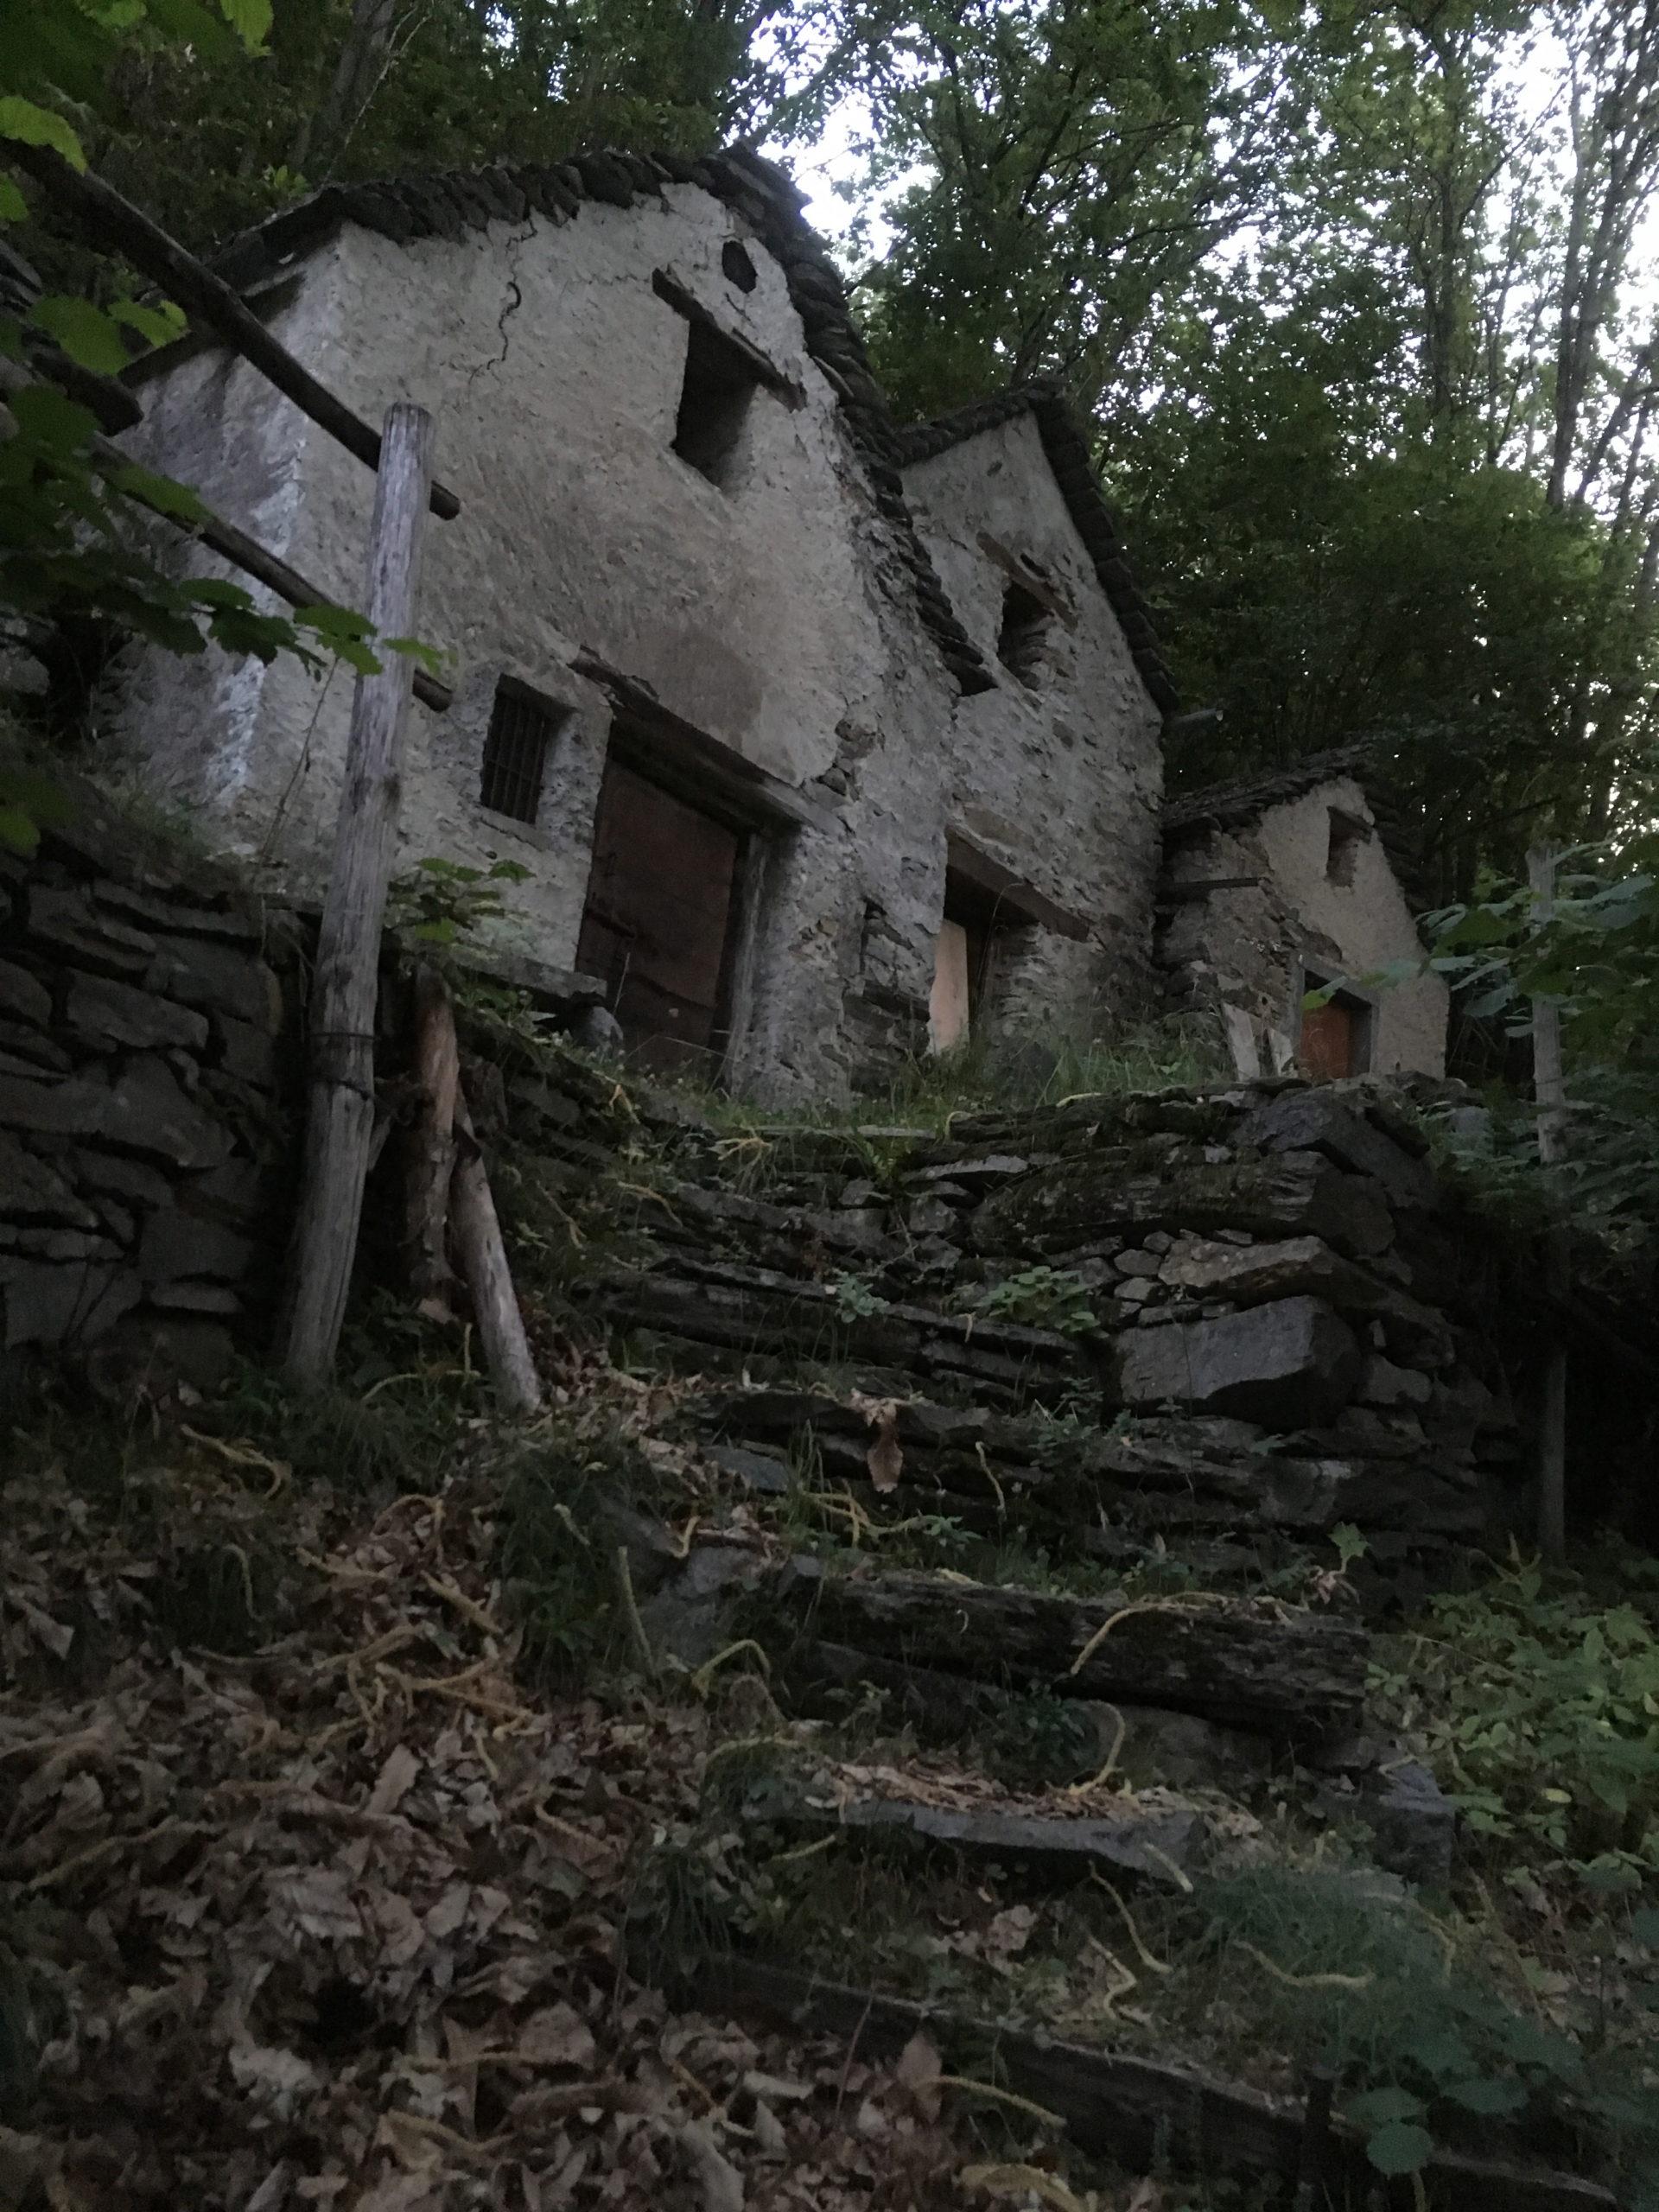 Mehrere Grotti stehen nebeneinander auf dem Hügel